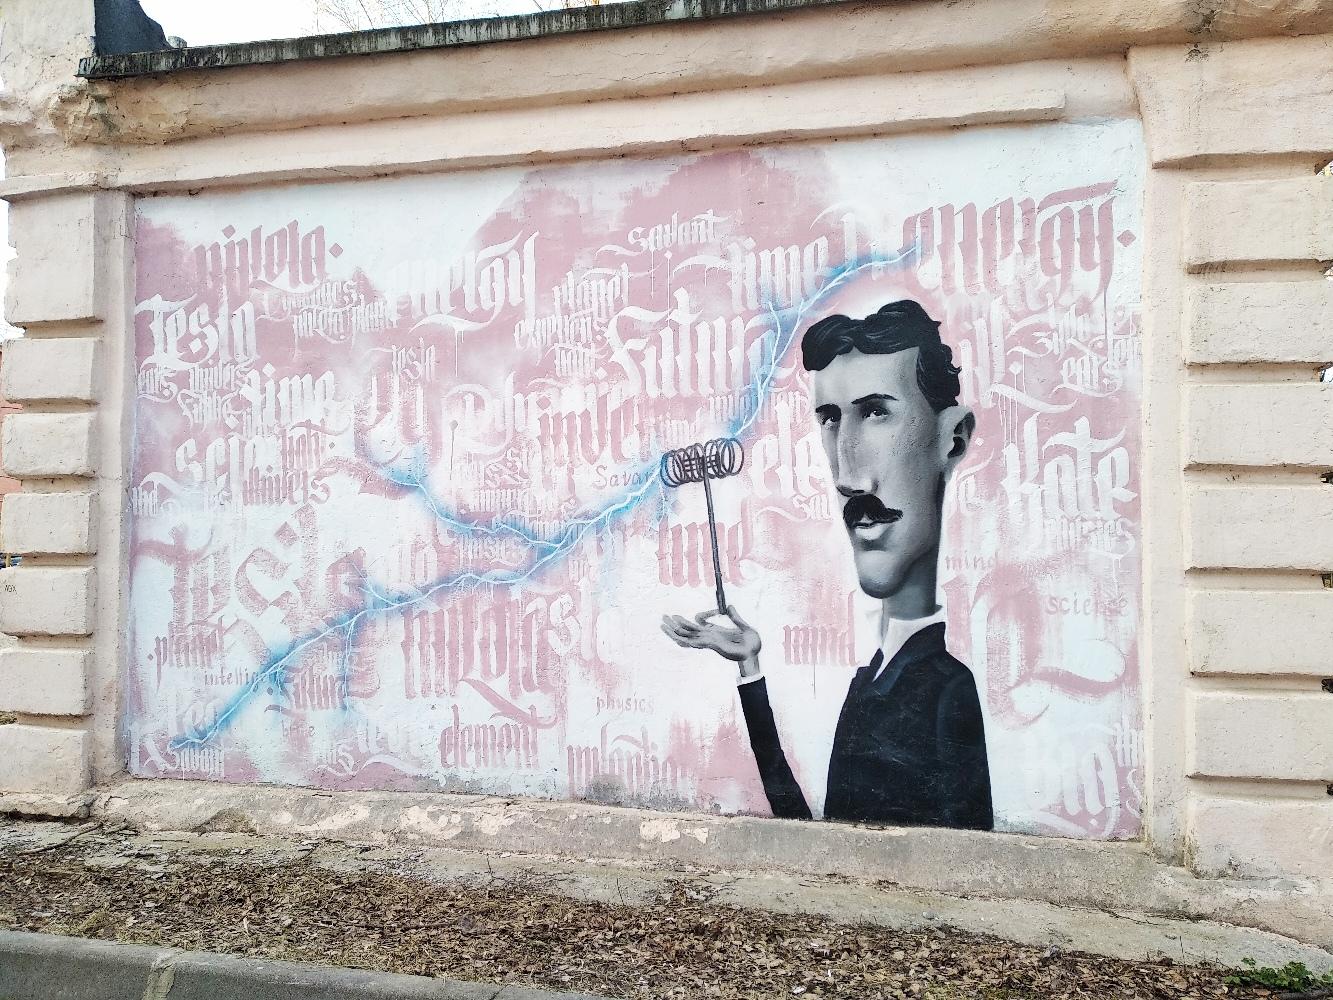 164 года Николе Тесла: в Твери создан граффити-портрет великого учёного